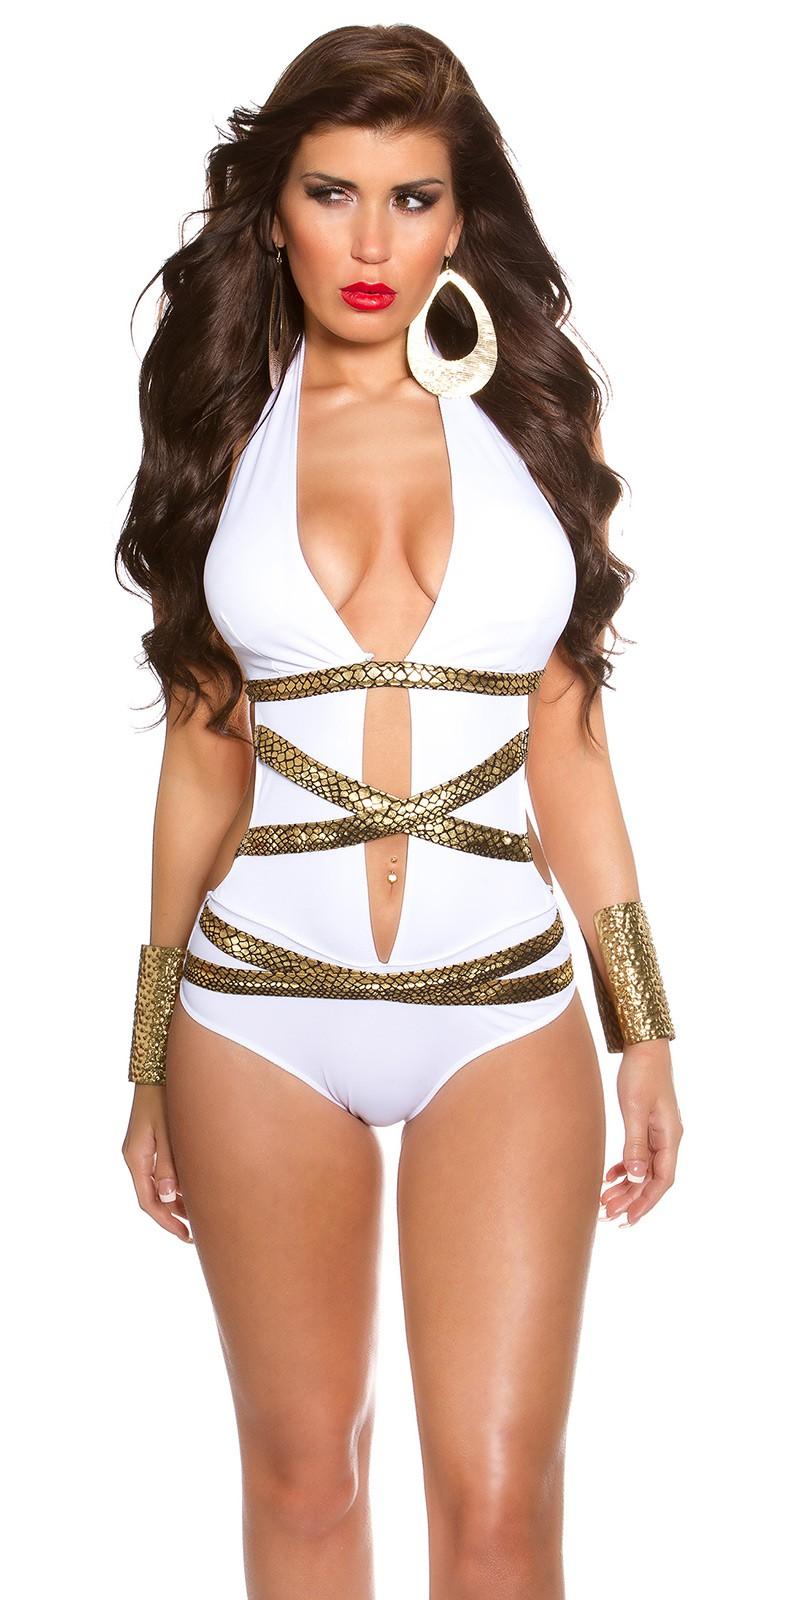 Costume de baie intregi Sexy in Goddesslook